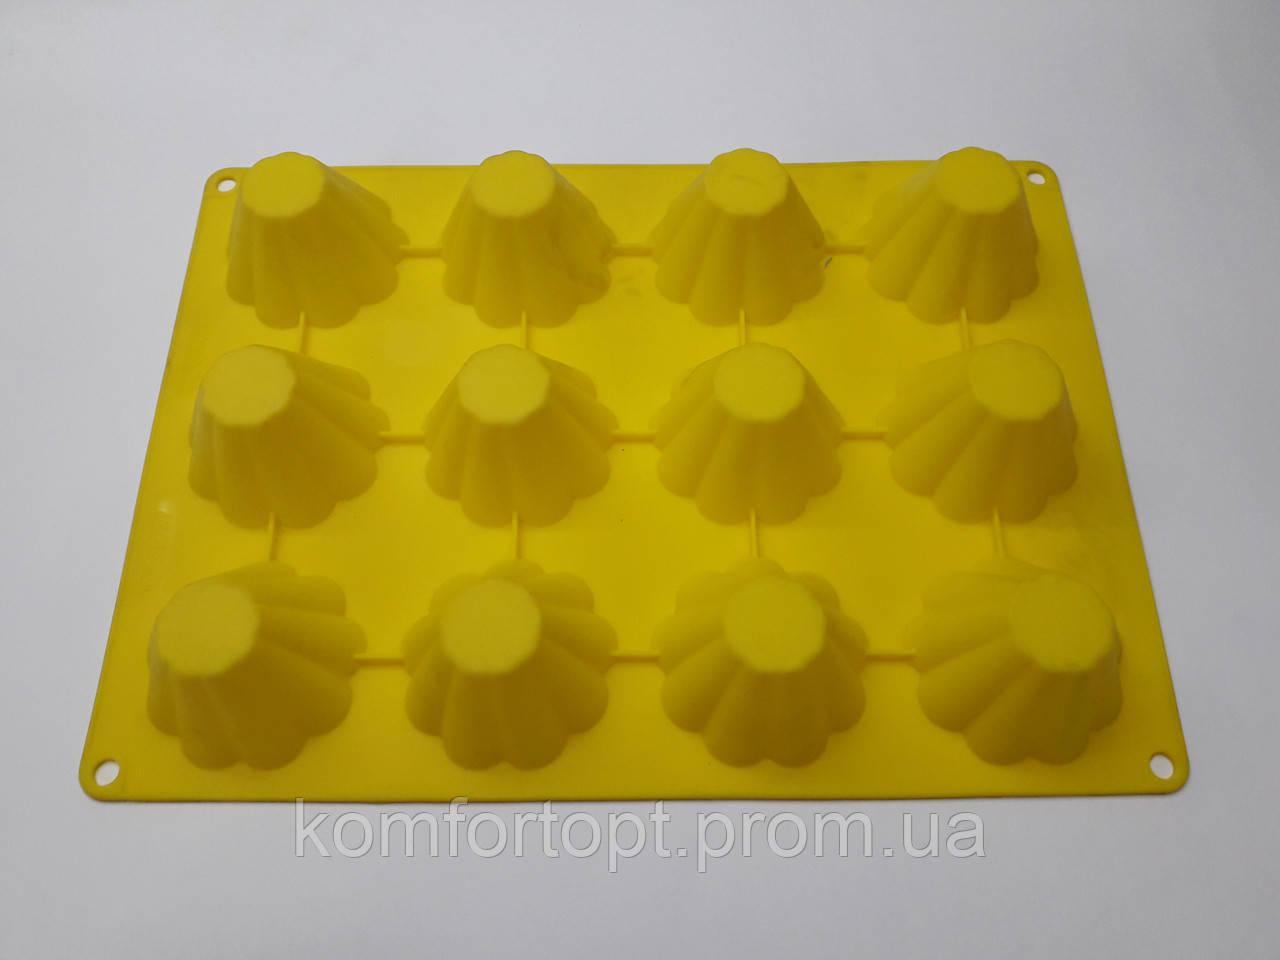 Форма силиконовая для выпечки кексов 23см х 32см